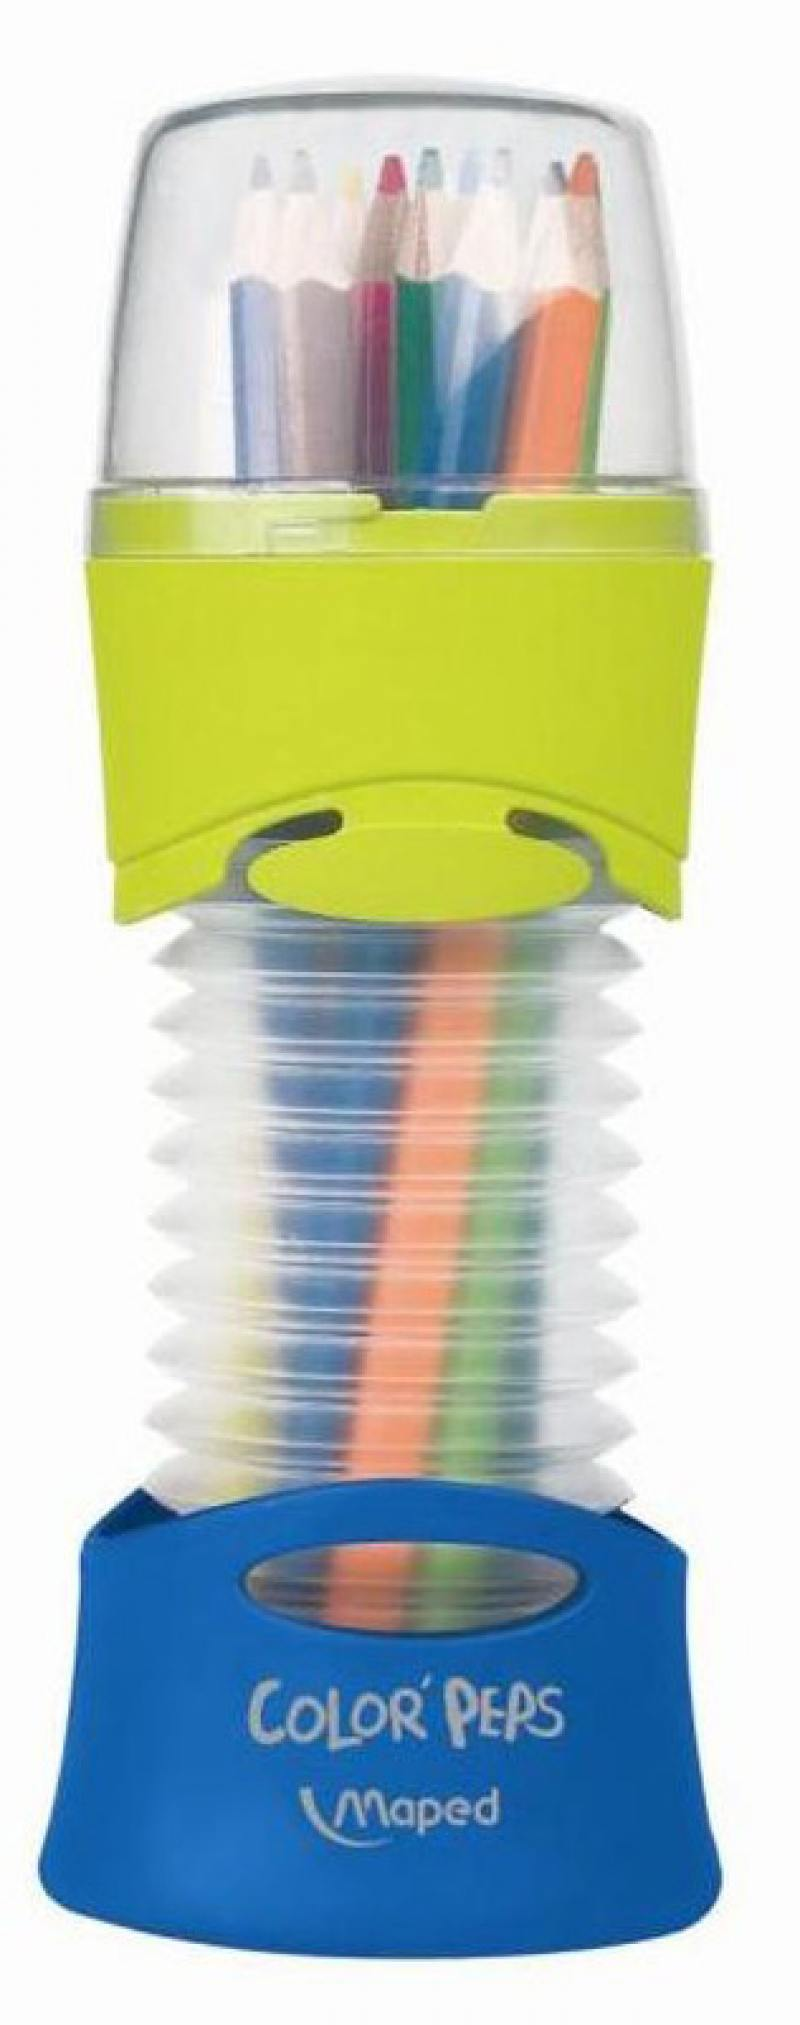 Набор цветных карандашей Maped Color Peps 12 шт 683212 в тубусе-подставке карандаши восковые мелки пастель maped карандаши color peps 12 цветов в тубусе подставке